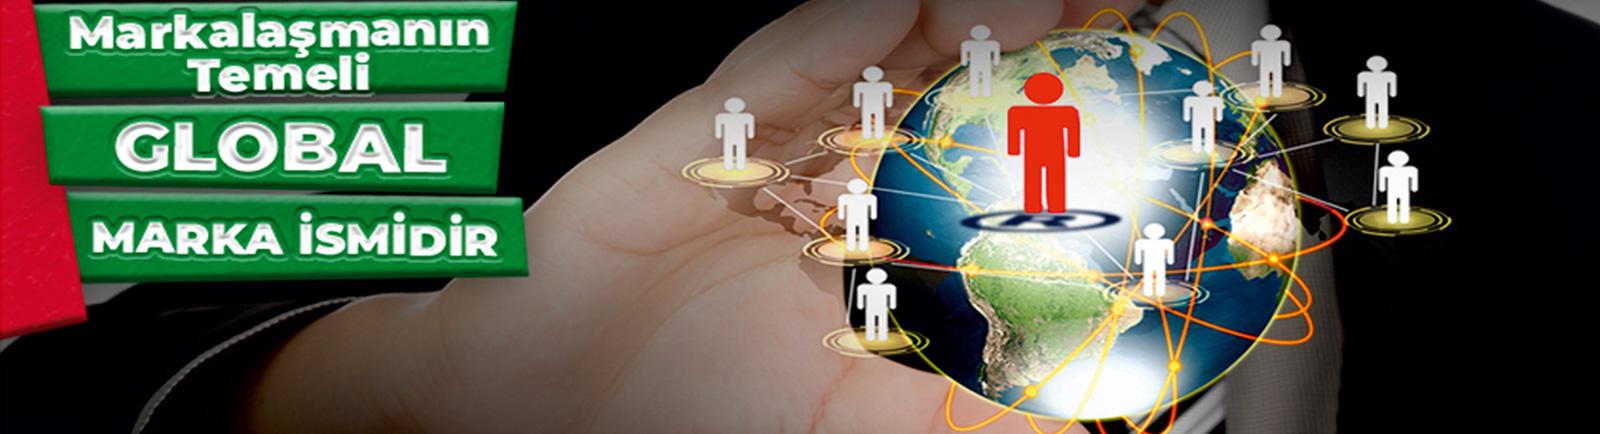 markalaşmanın temeli global marka ismidir